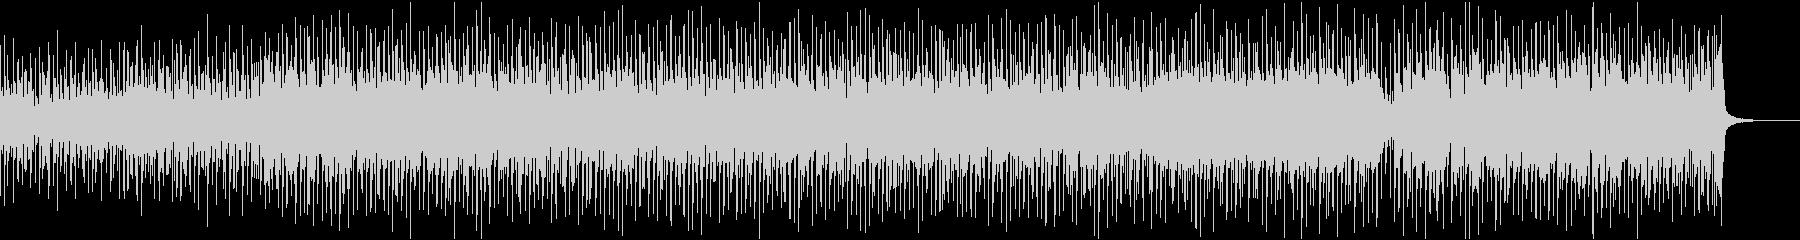 軽快なウクレレポップ曲の未再生の波形